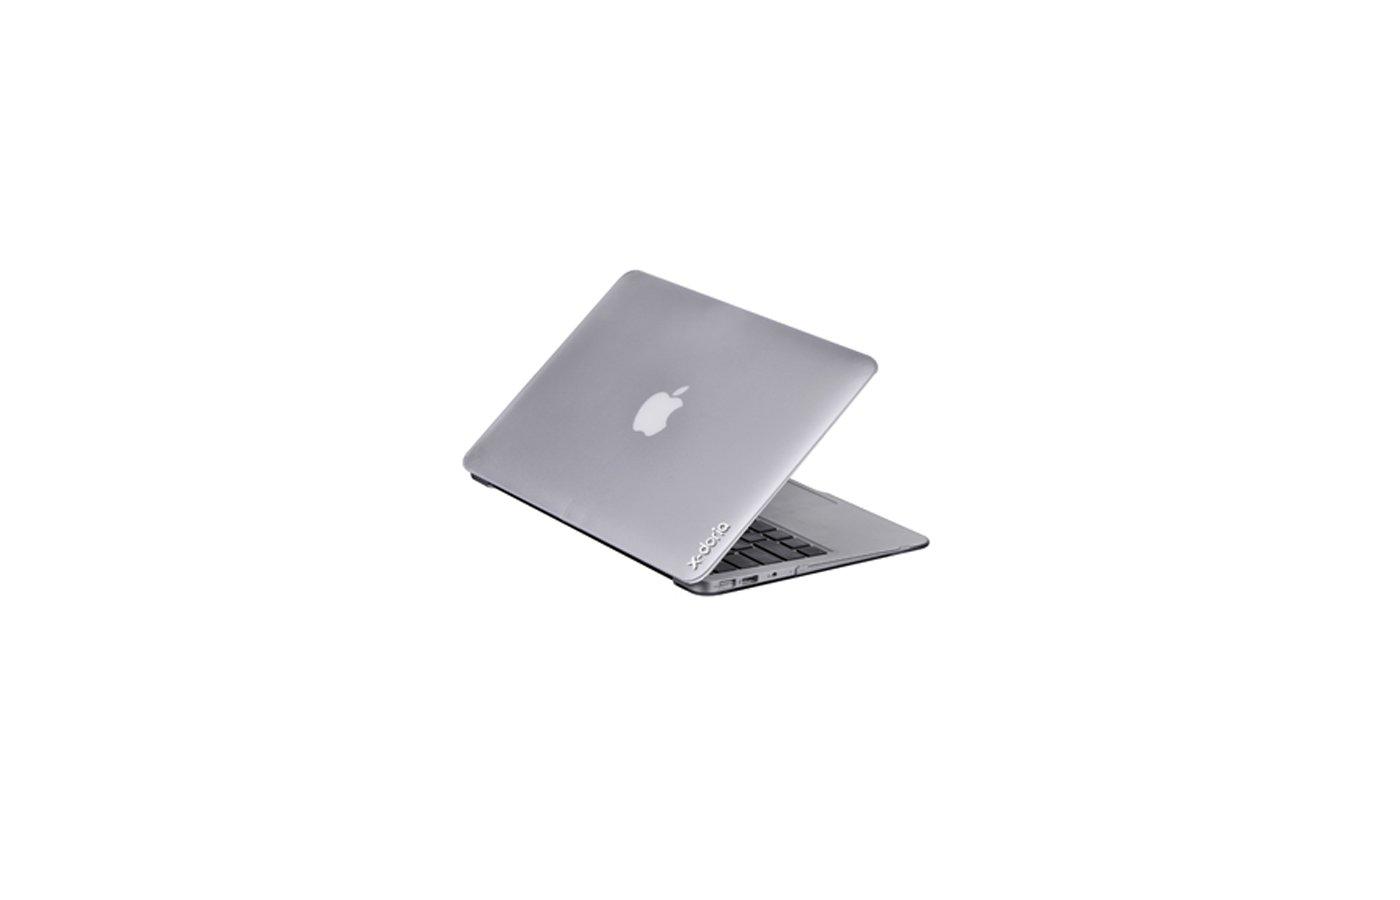 """Чехол для планшетного ПК X-Doria для MacBook Air 11"""" Slim-fit and Durable Protective Case светло-серый (item 3430500154)"""